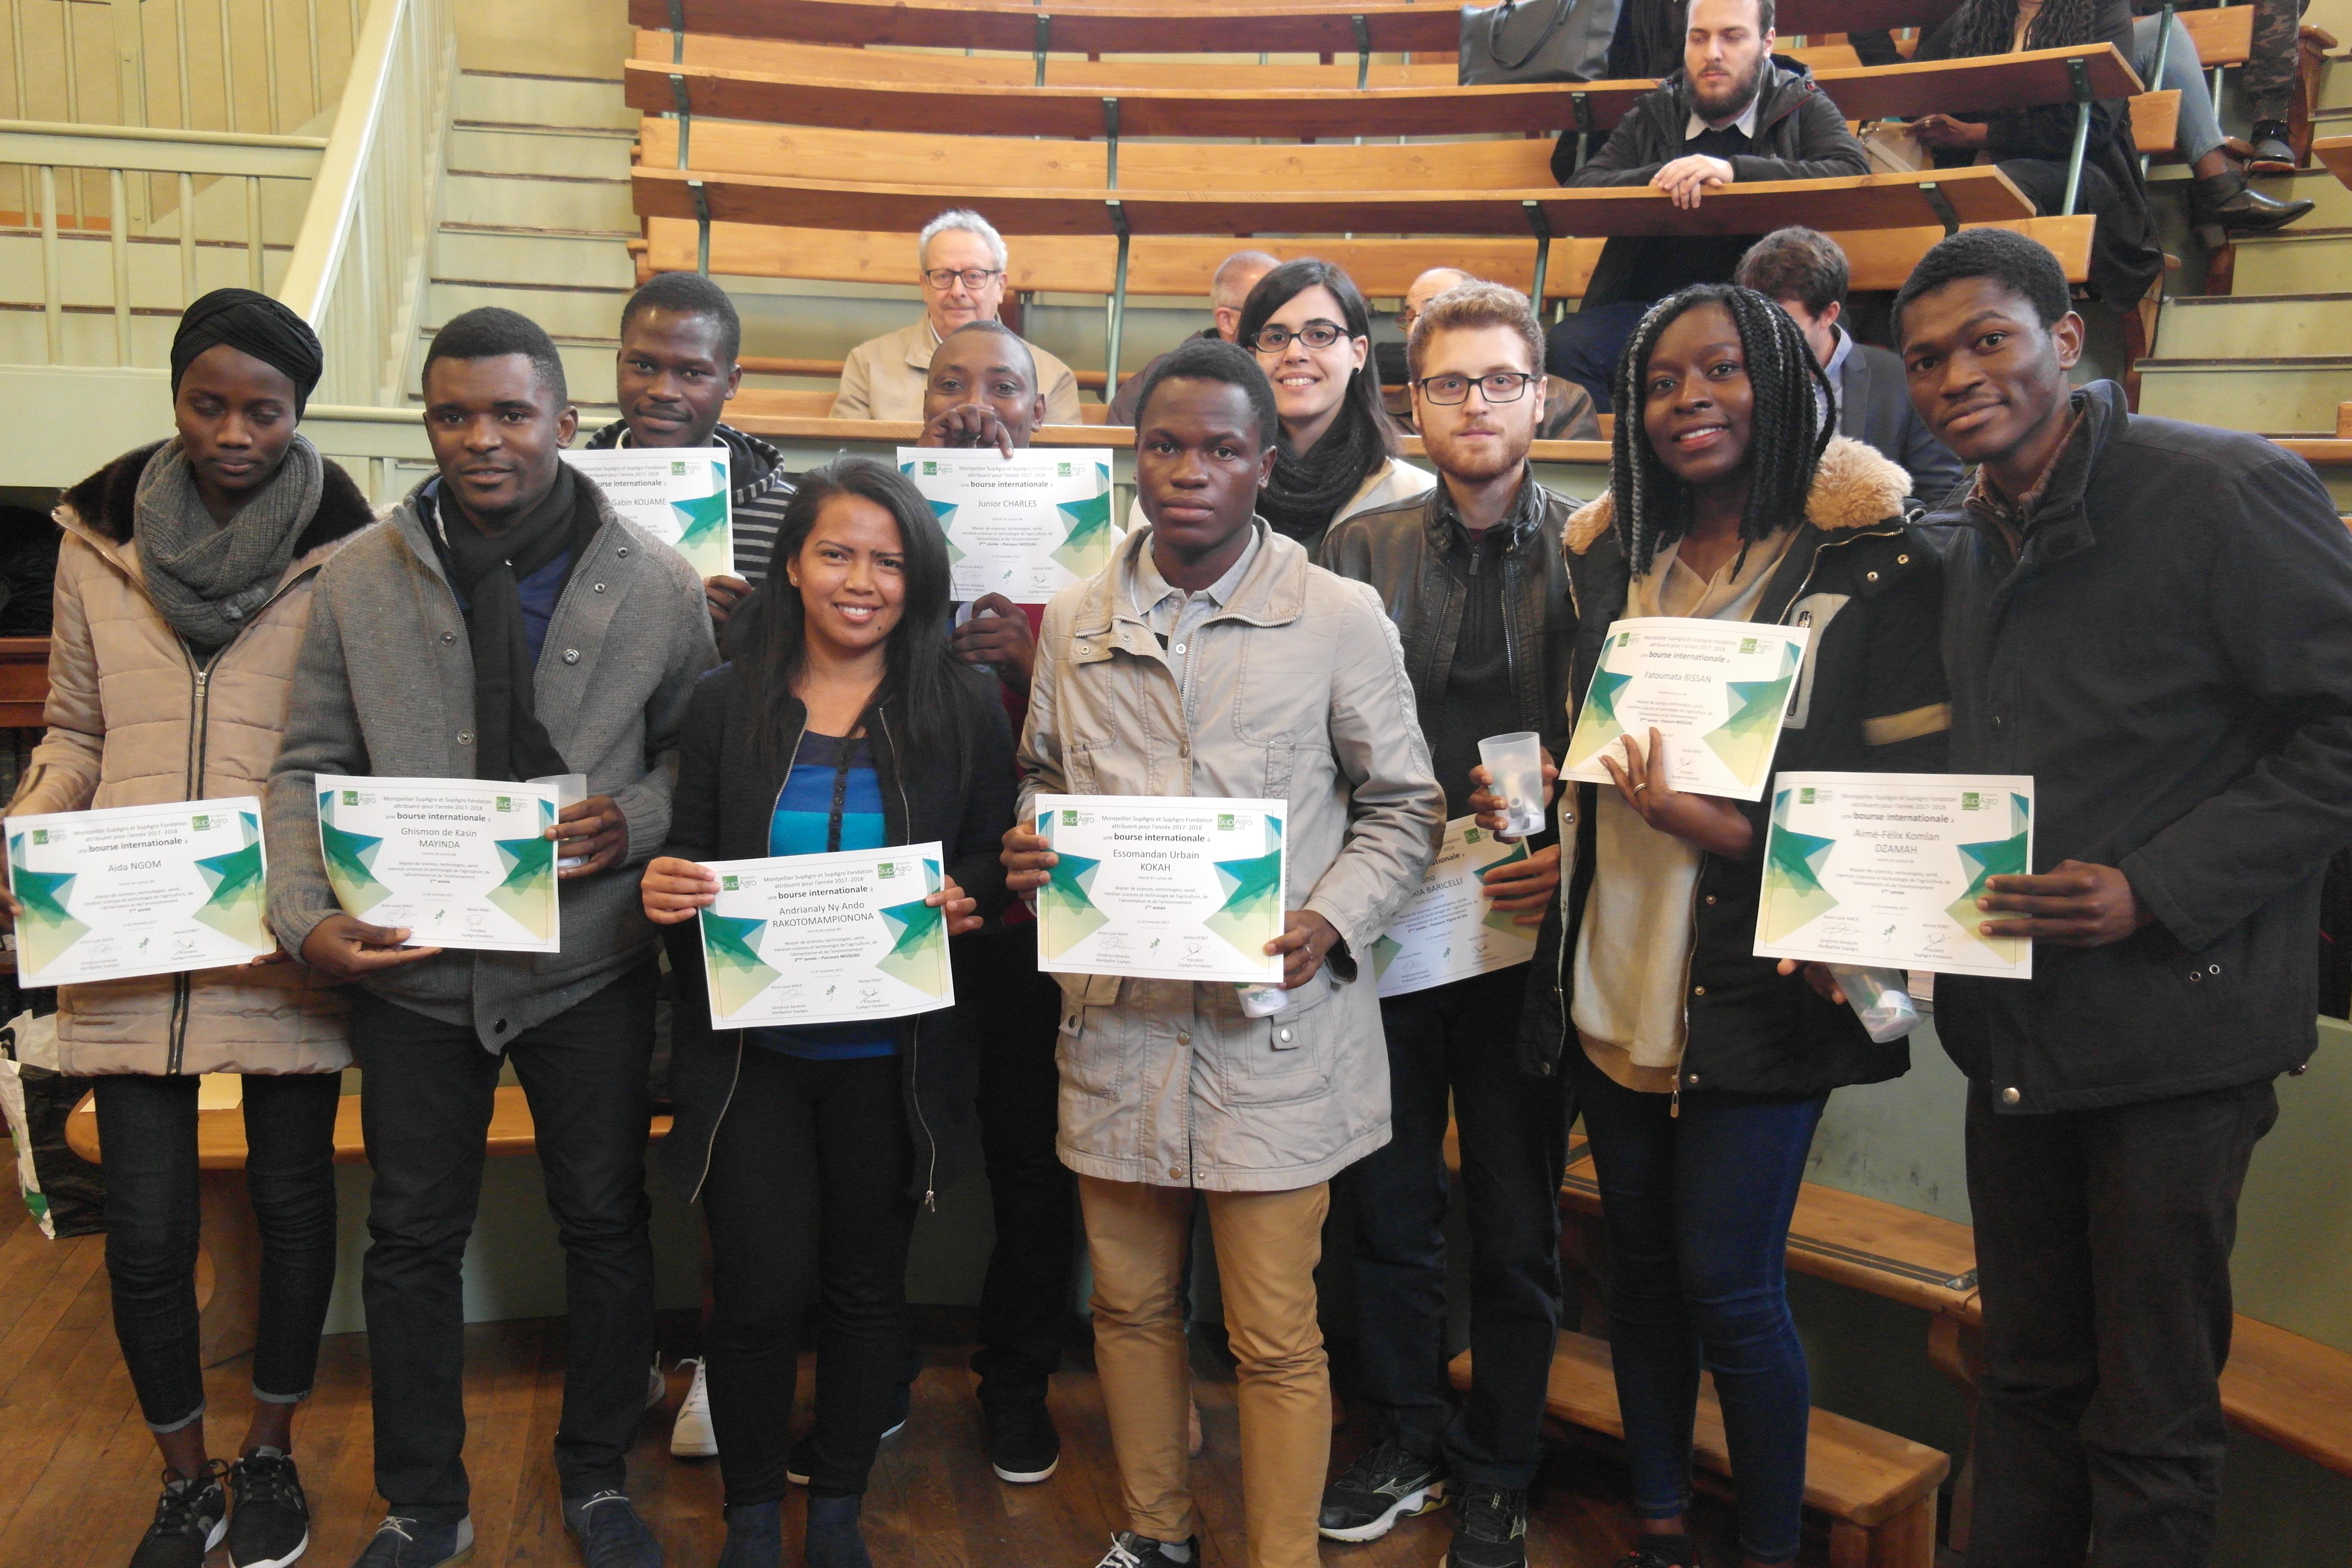 Des étudiants du Master 3A recevant leur certificat de bourses